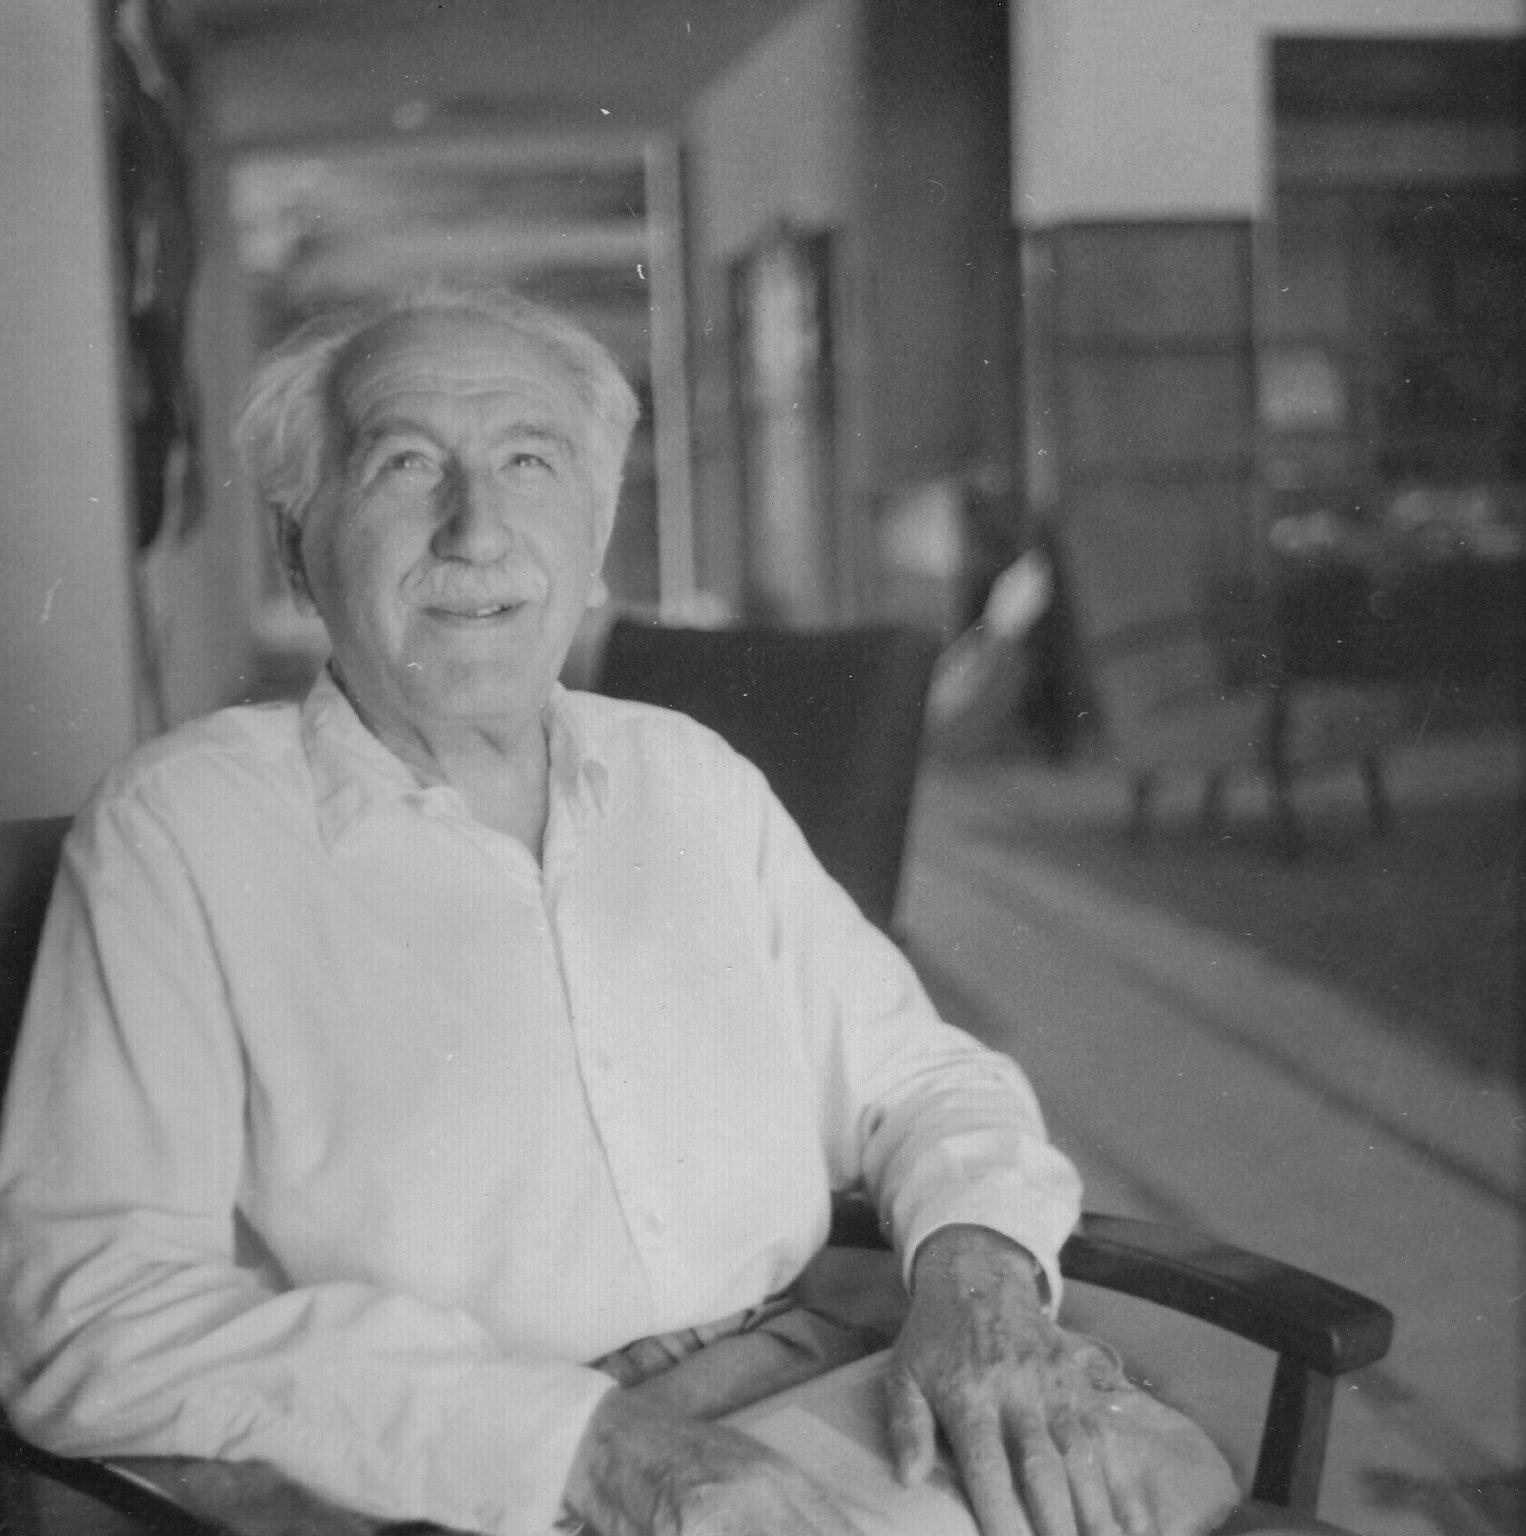 Dr. Shmuel Hugo Bergman, Professor of Philosophy at the Hebrew University, ca. 1958.